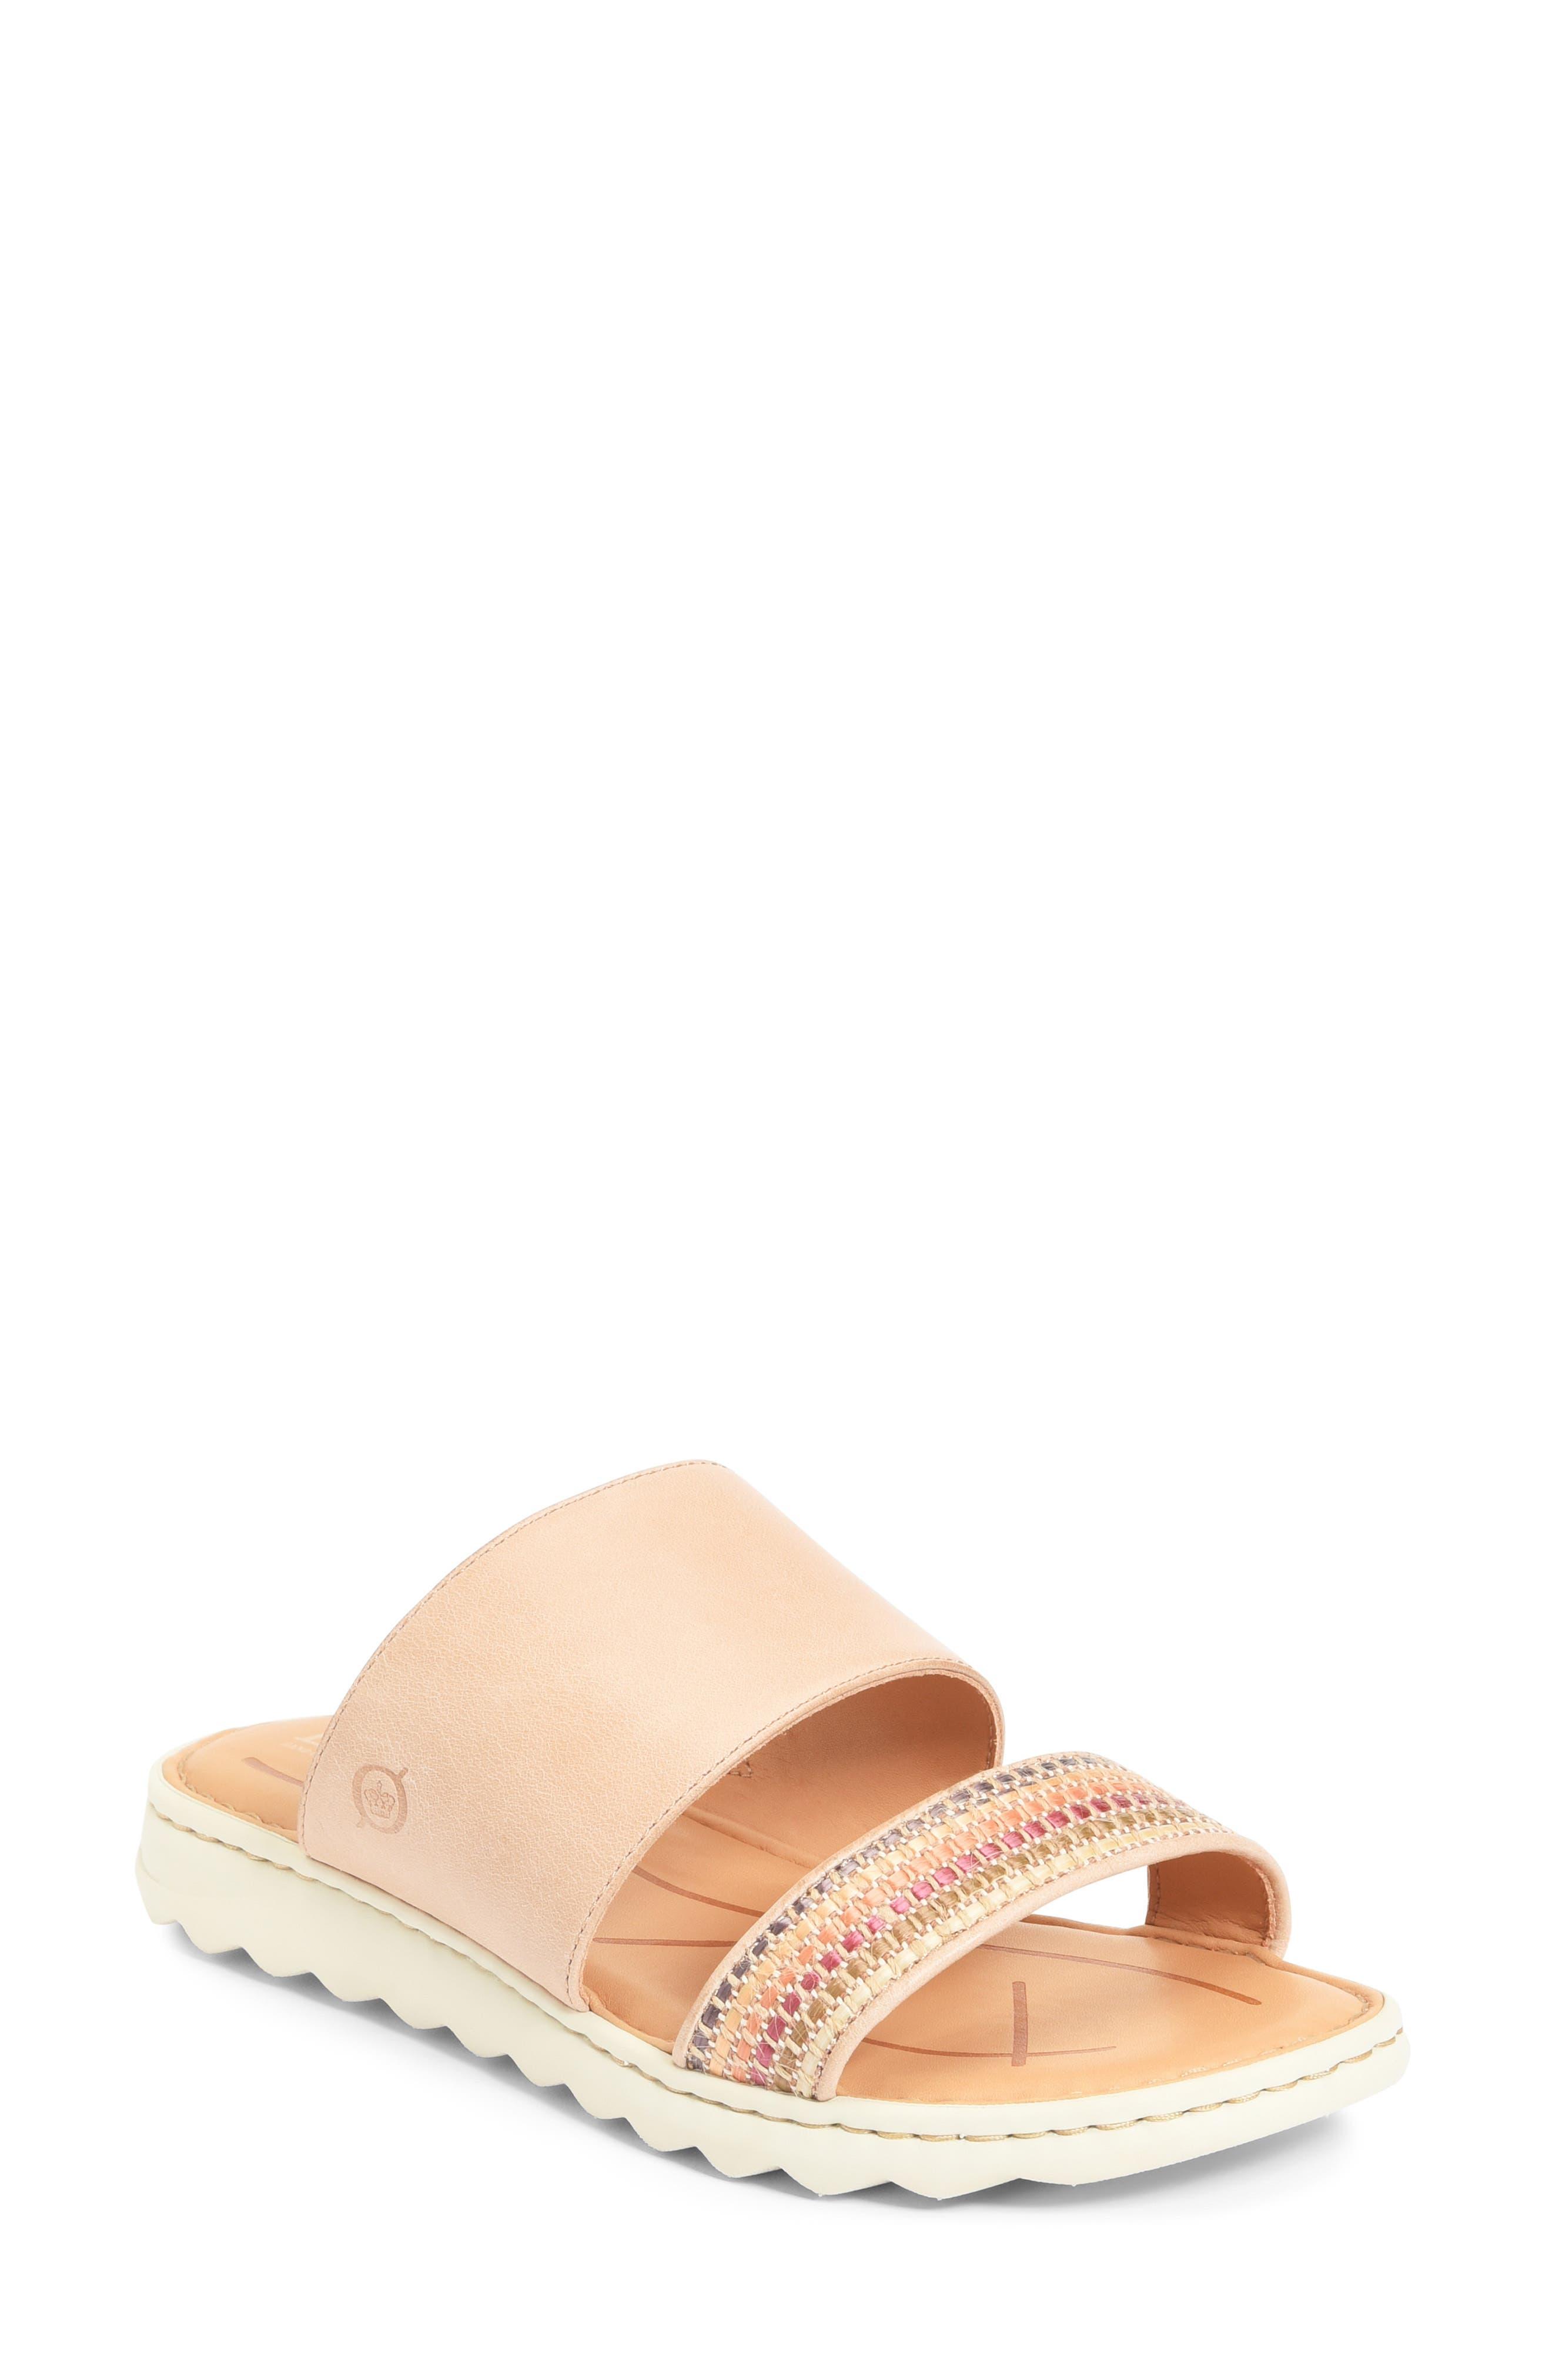 Women's B?rn Shore Slide Sandal